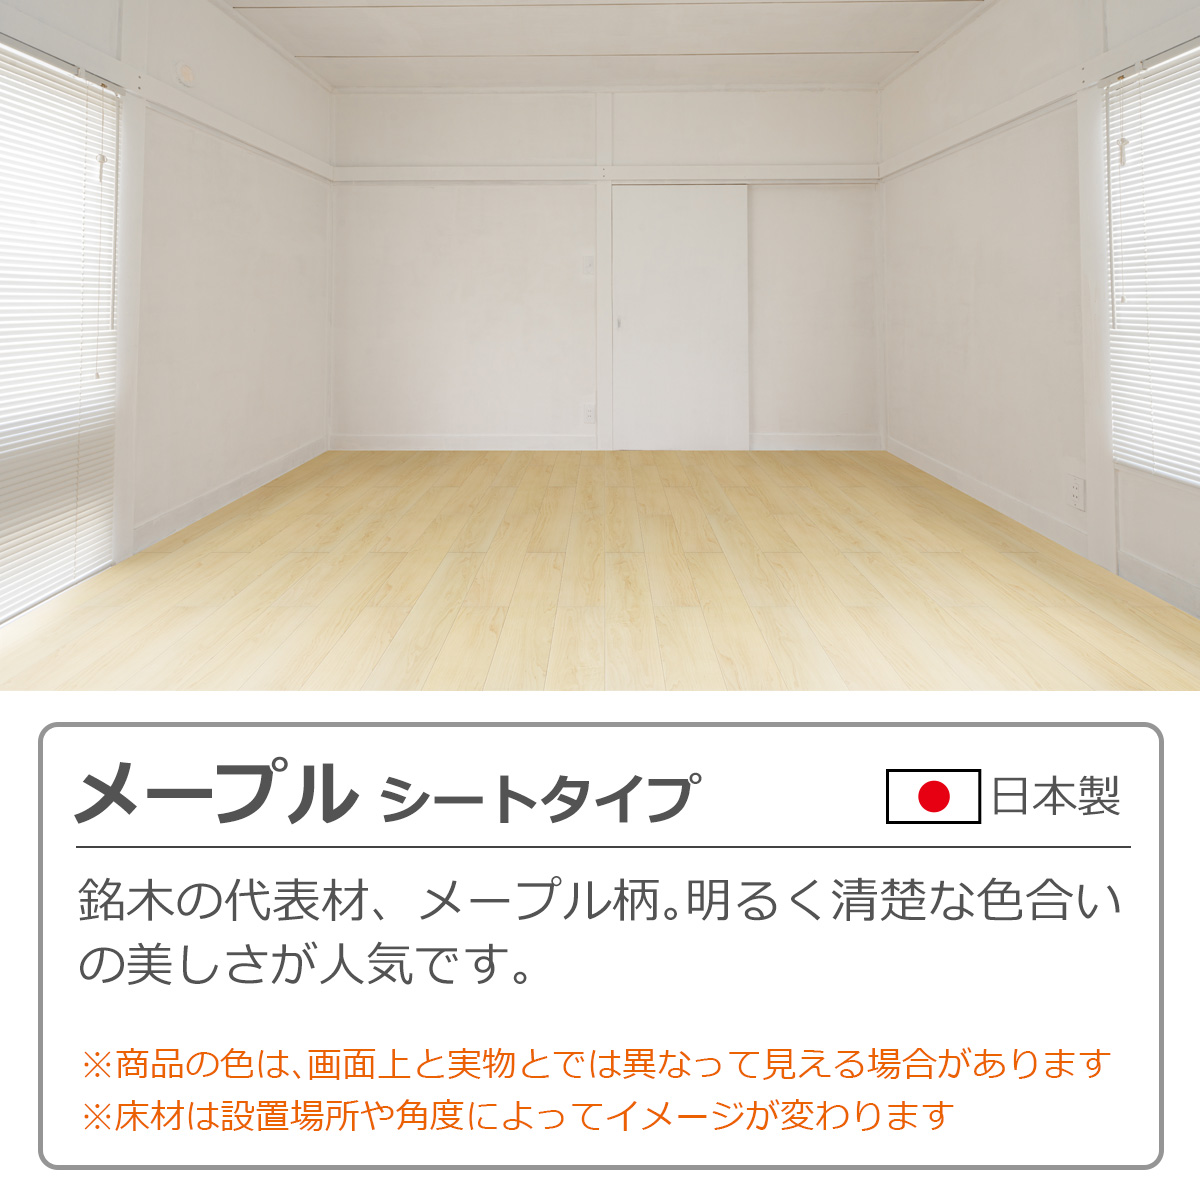 メープル シートタイプ 日本製 銘木の代表材、メープル柄。明るく清楚な色合いの美しさが人気です ※商品の色は、画面上と実物とでは異なって見える場合があります ※床材は設置場所や角度によってイメージが変わります